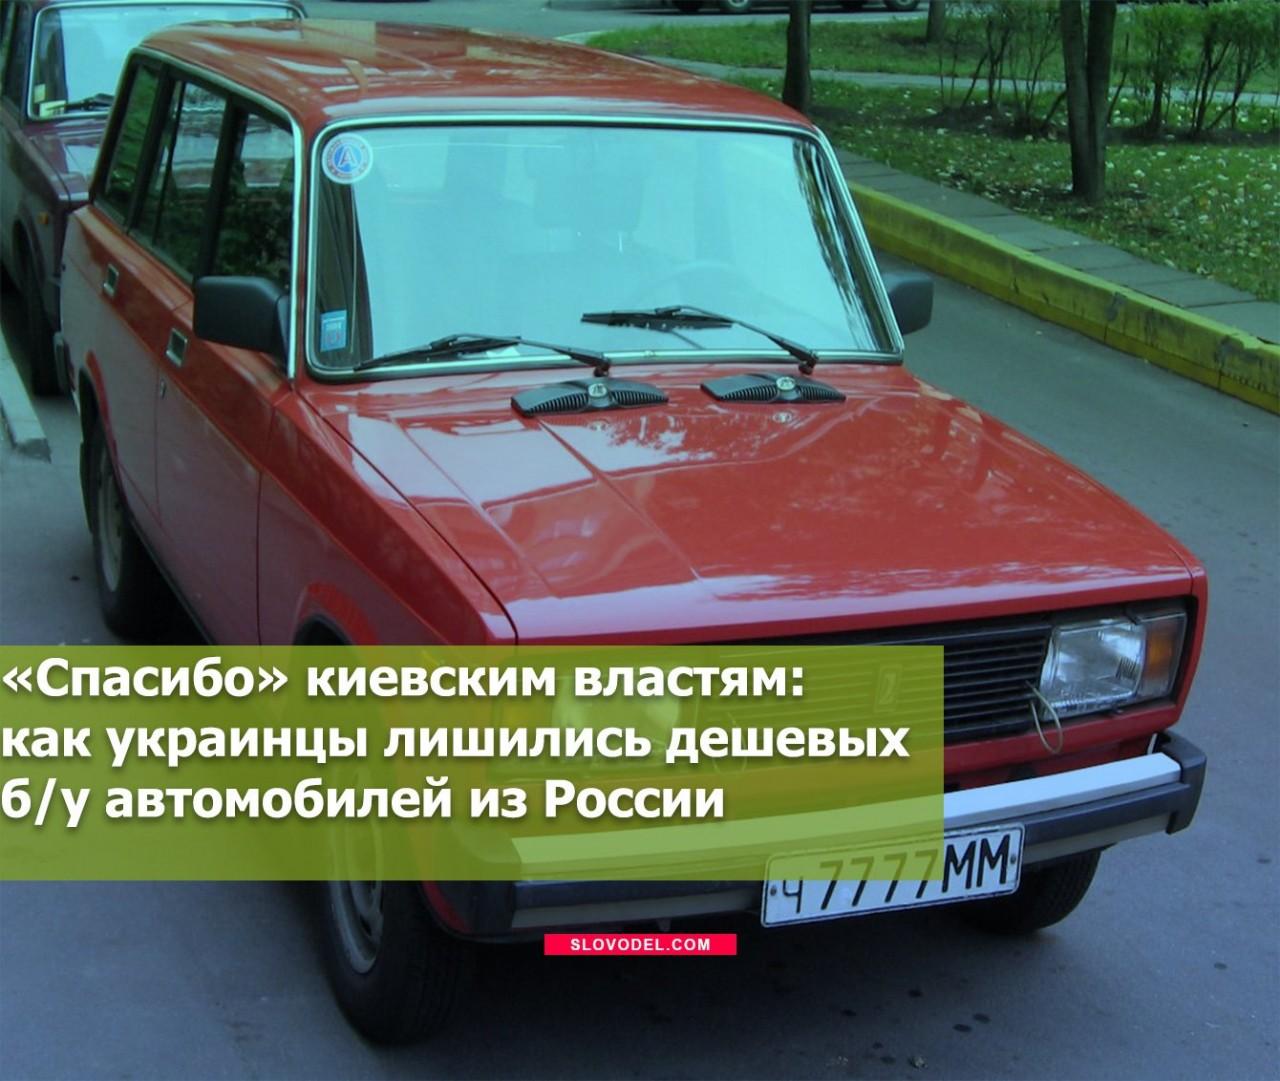 «Спасибо» киевским властям: как украинцы лишились дешевых б/у автомобилей из России